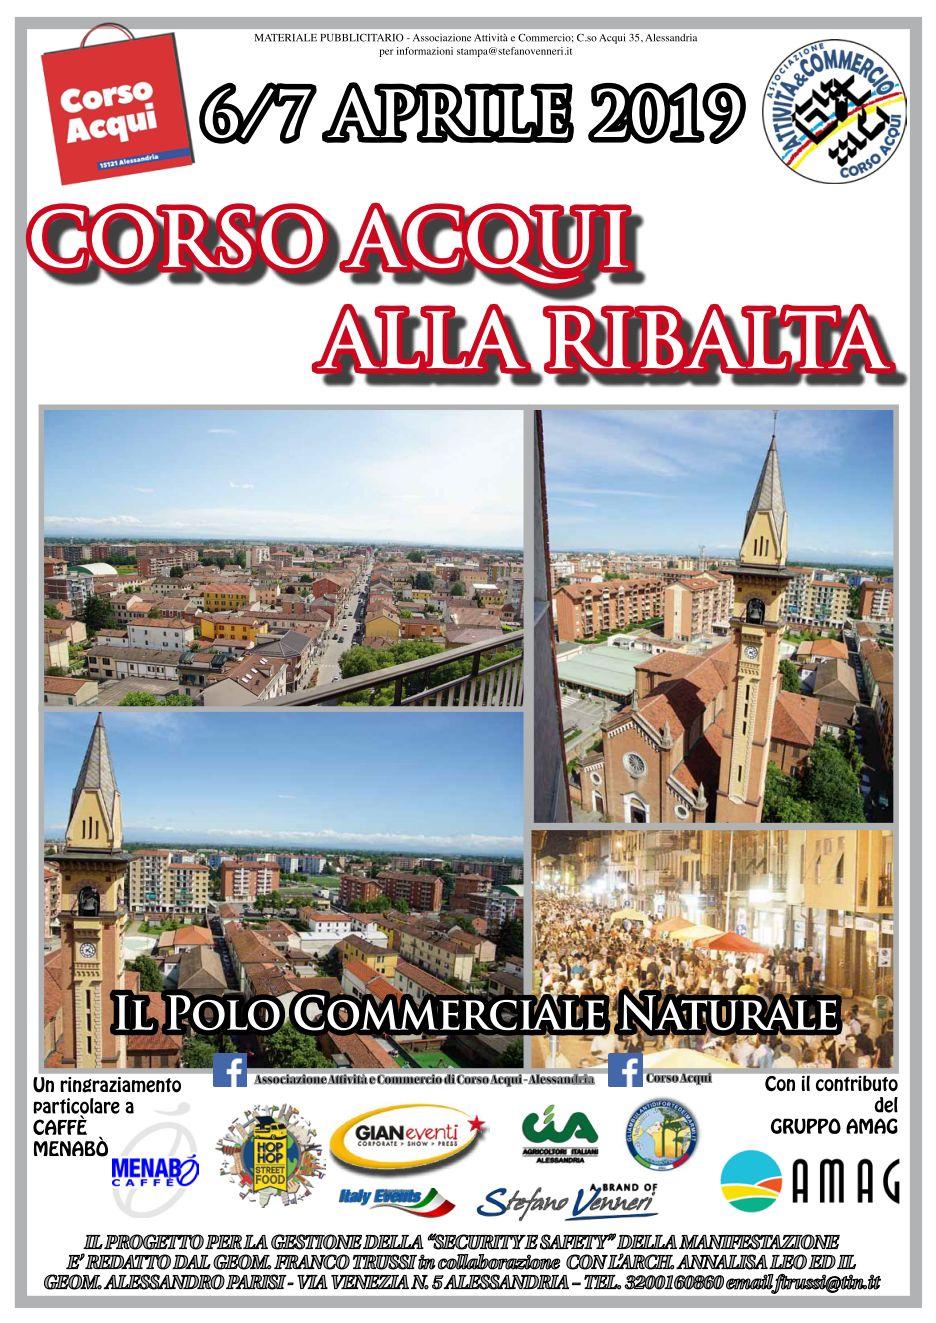 BlogAL Alessandria CORSO ACQUI ALLA RIBALTA  si avvicina il Grande Evento al Cristo